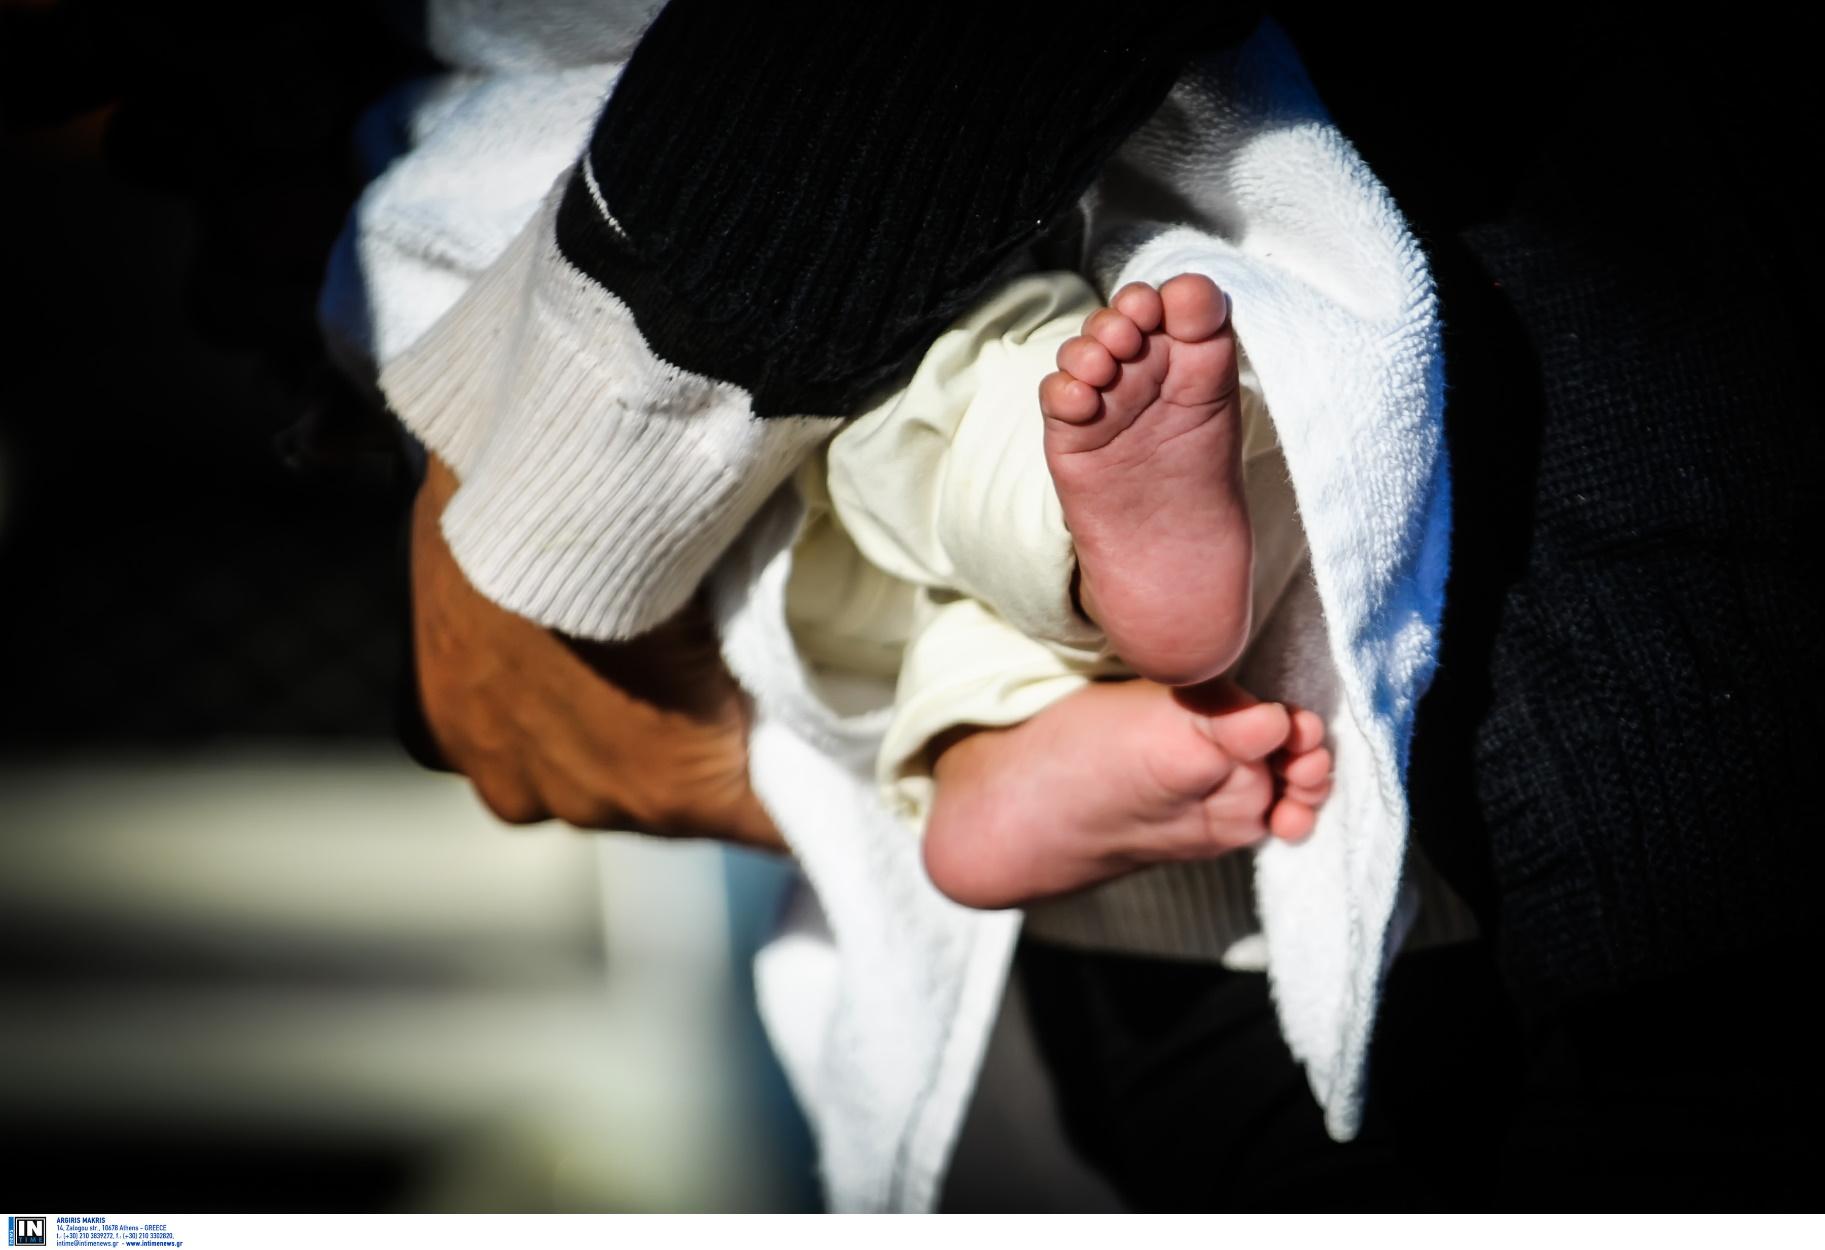 Έρευνα: Με χαμηλότερες νοητικές επιδόσεις τα παιδιά που γεννήθηκαν κατά τη διάρκεια της πανδημίας